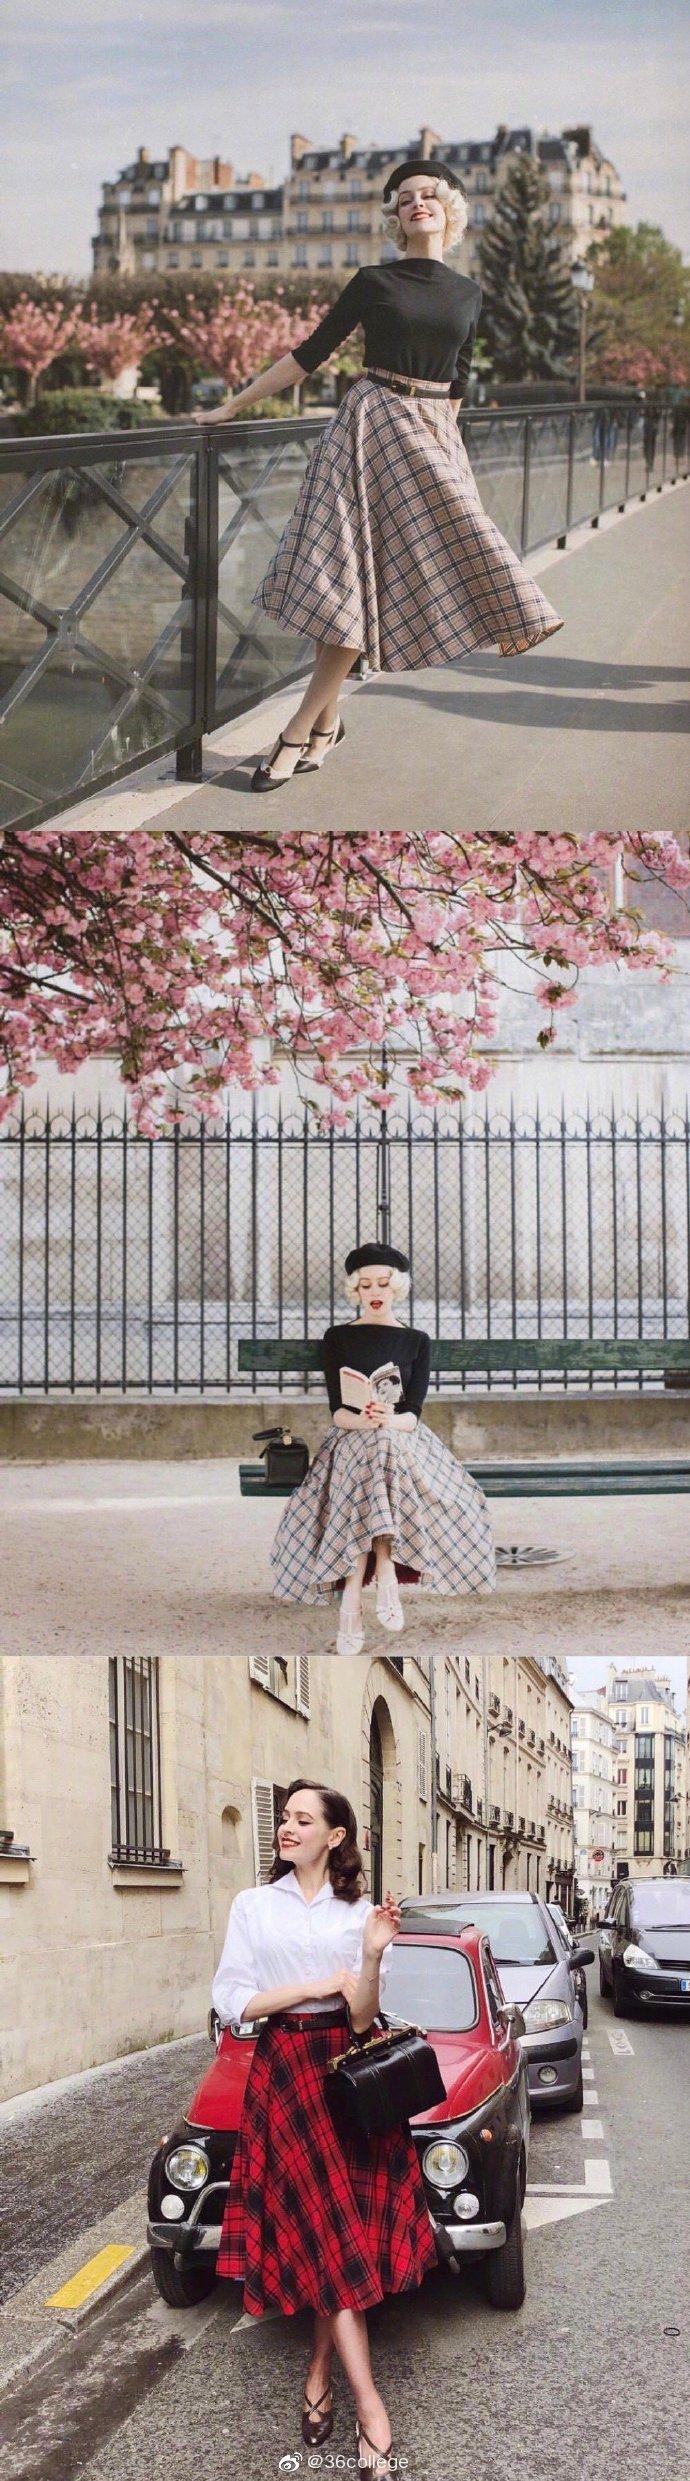 Daria Nelson复古穿搭也太美了吧!